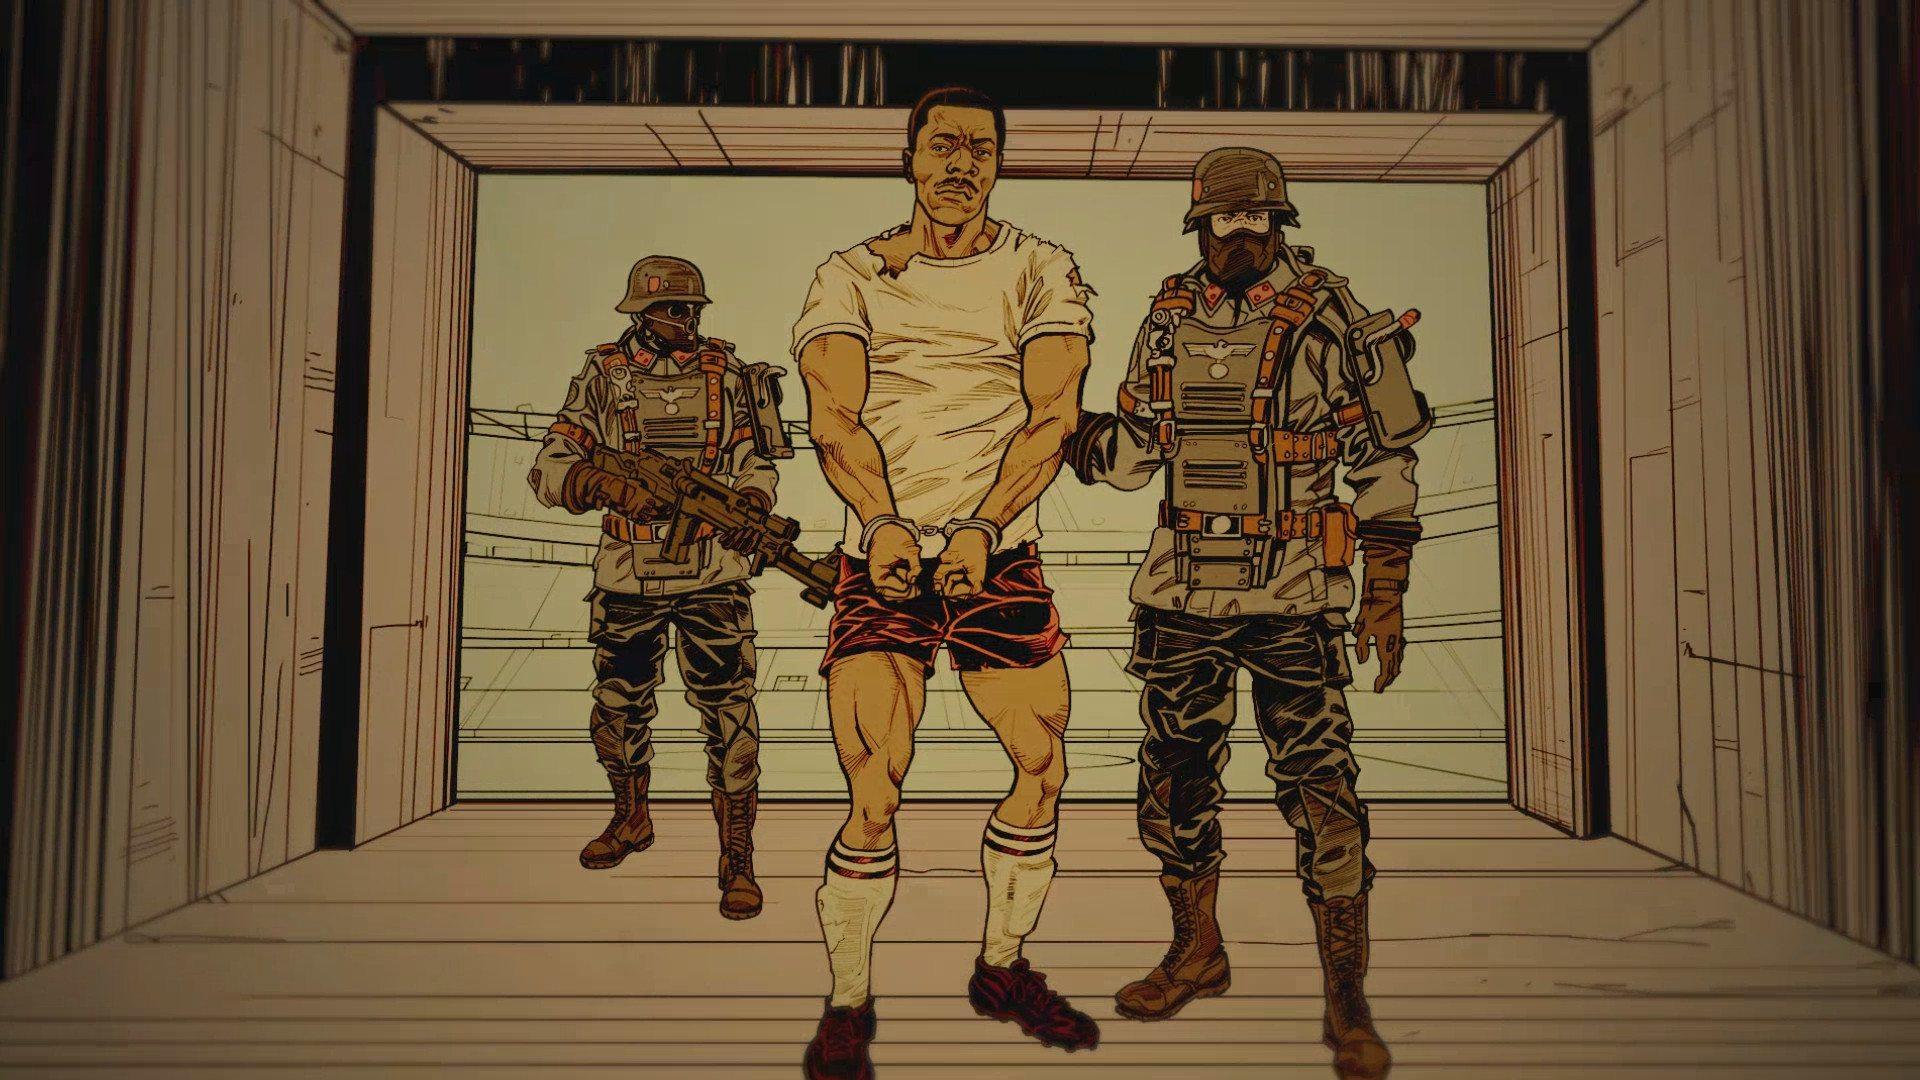 Wolfenstein II: è disponibile il DLC Le avventure di Pistolero Joe